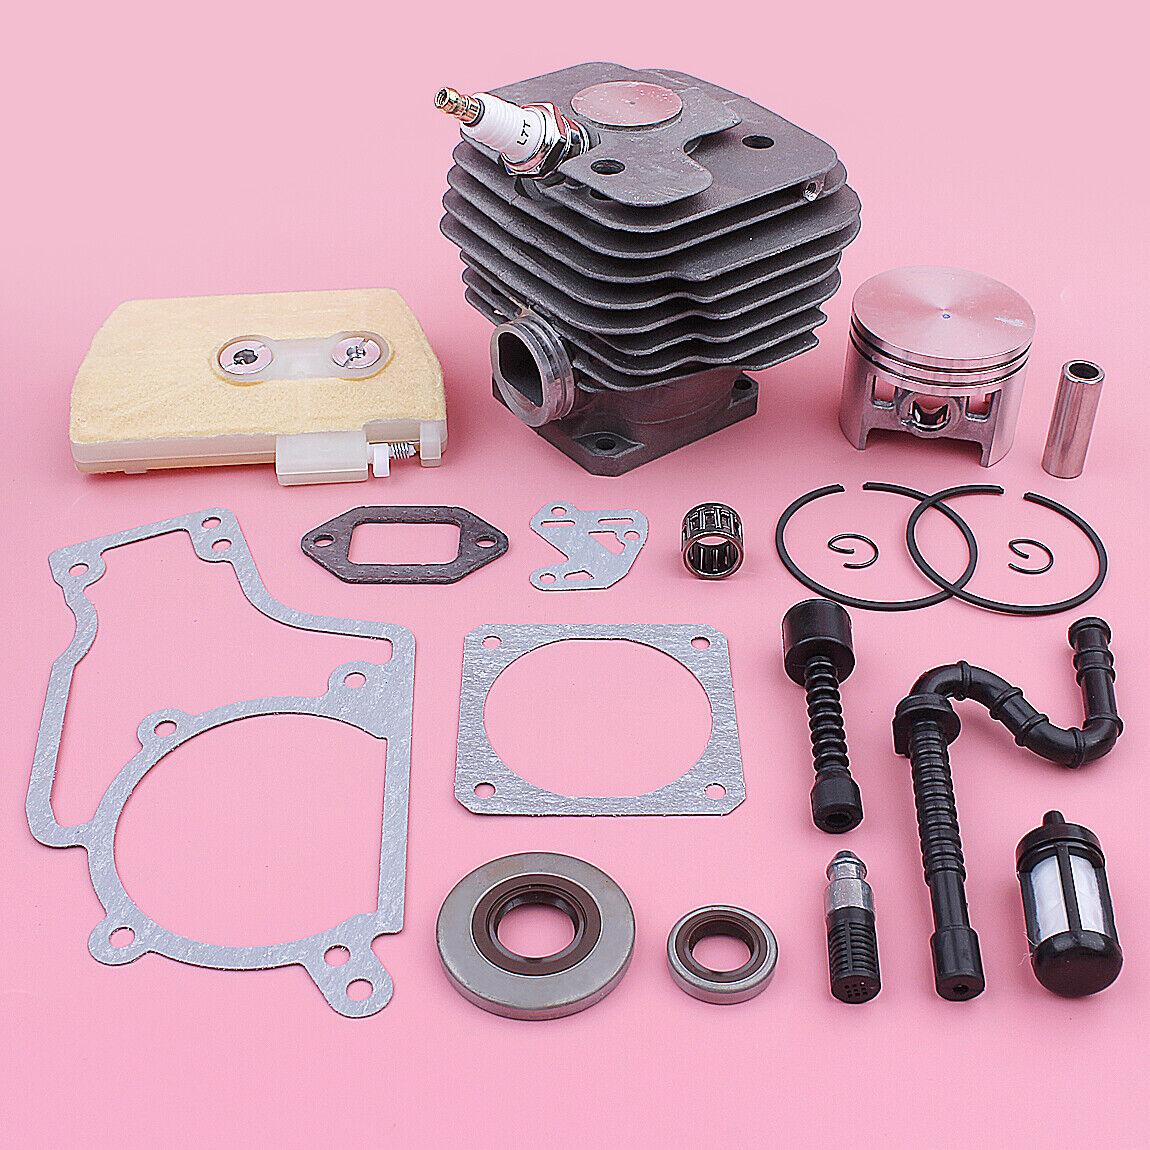 Kit de Pistón 52mm Cilindro para Stihl MS380 038 juntas de línea de Filtro de aceite combustible aire